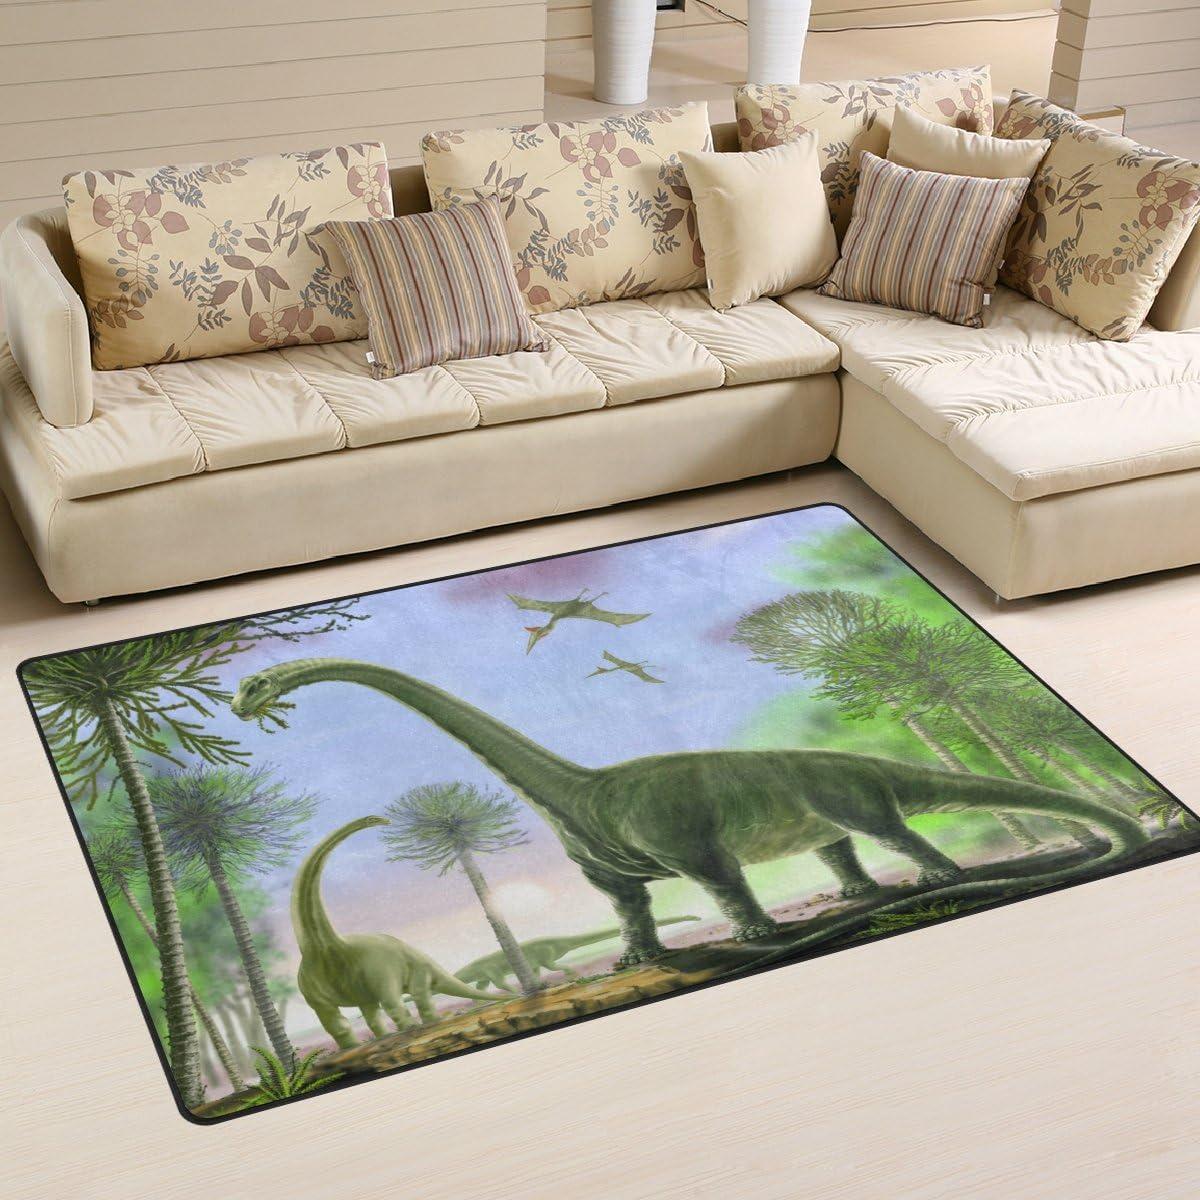 Mnsruu Tapis antid/érapant pour Chambre denfant Motif Dinosaure 1.7 x 2.6 ft Tissu Multicolore 50 x 80 cm